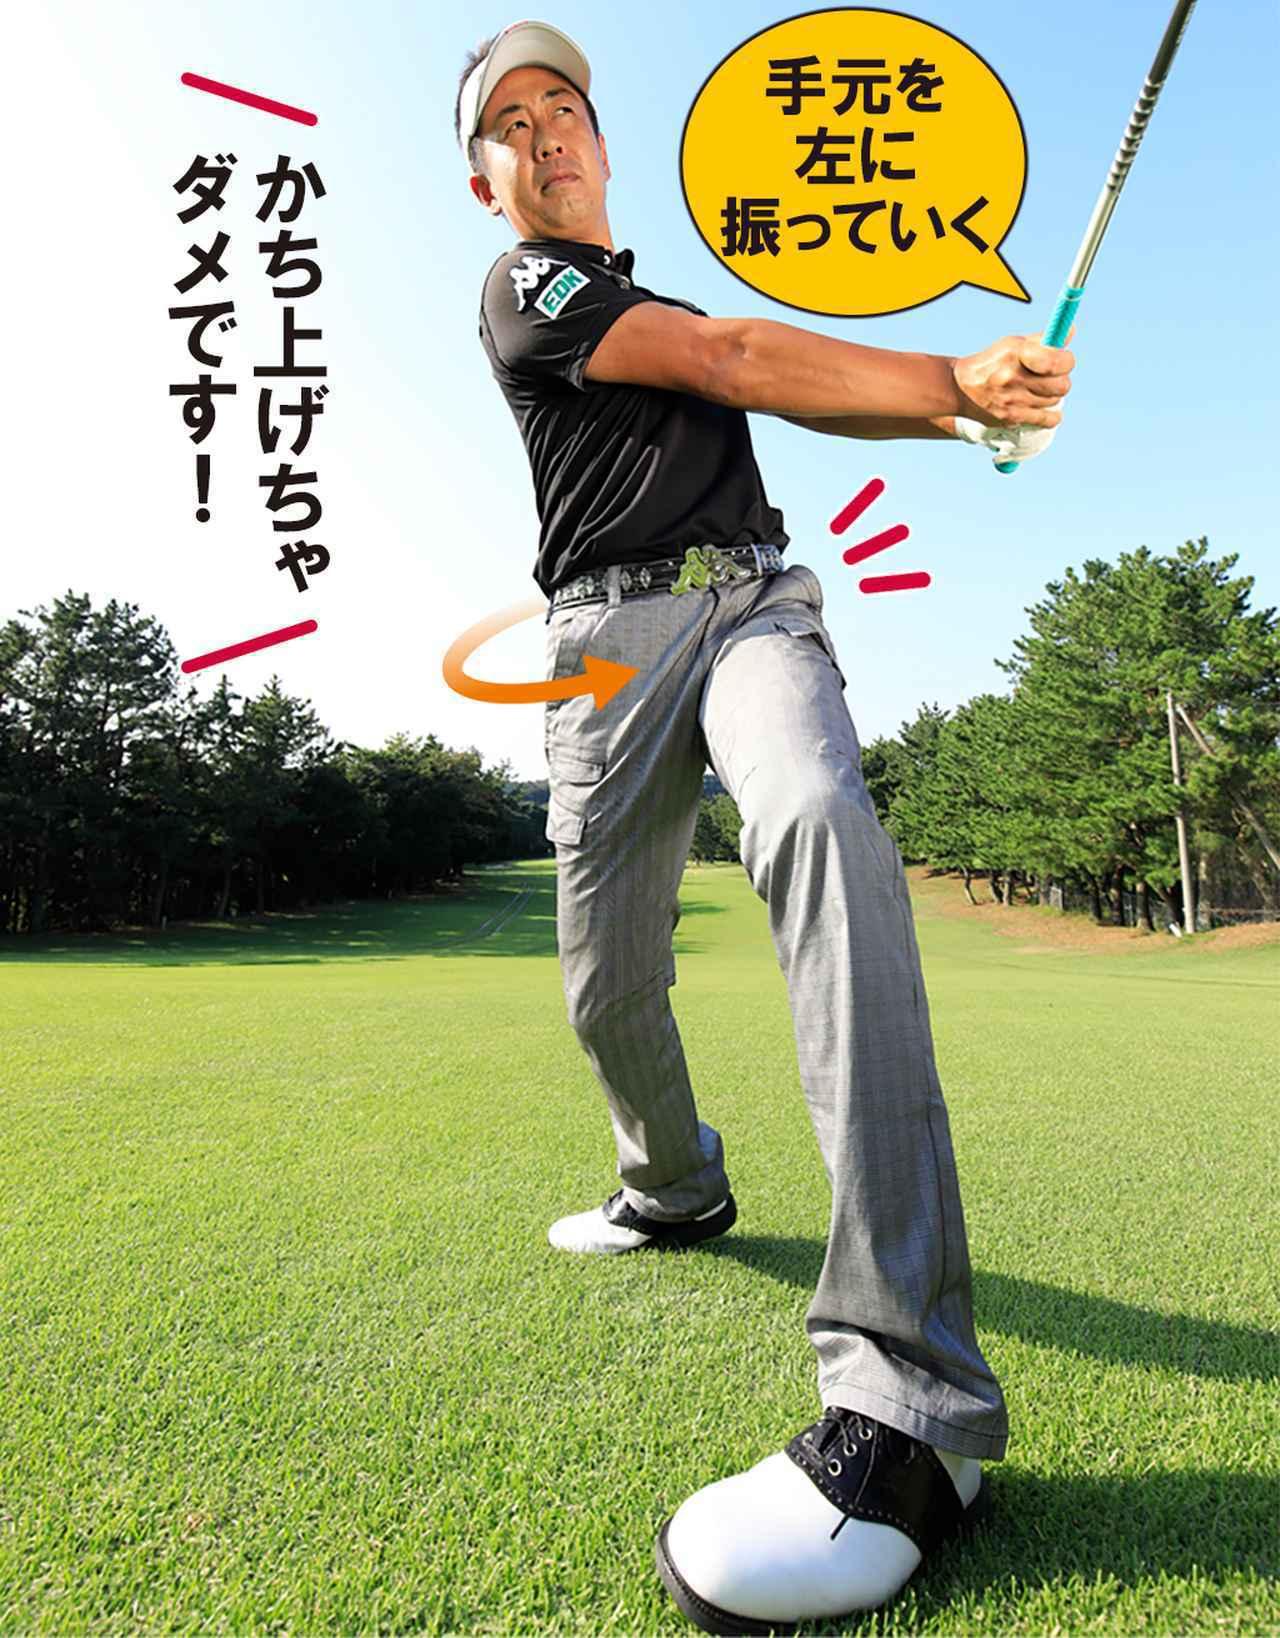 画像: 【ユーティリティ】傾斜地からのUT活用術② つま先下がり、左足上がり、左足下がりの打ち方 - ゴルフへ行こうWEB by ゴルフダイジェスト